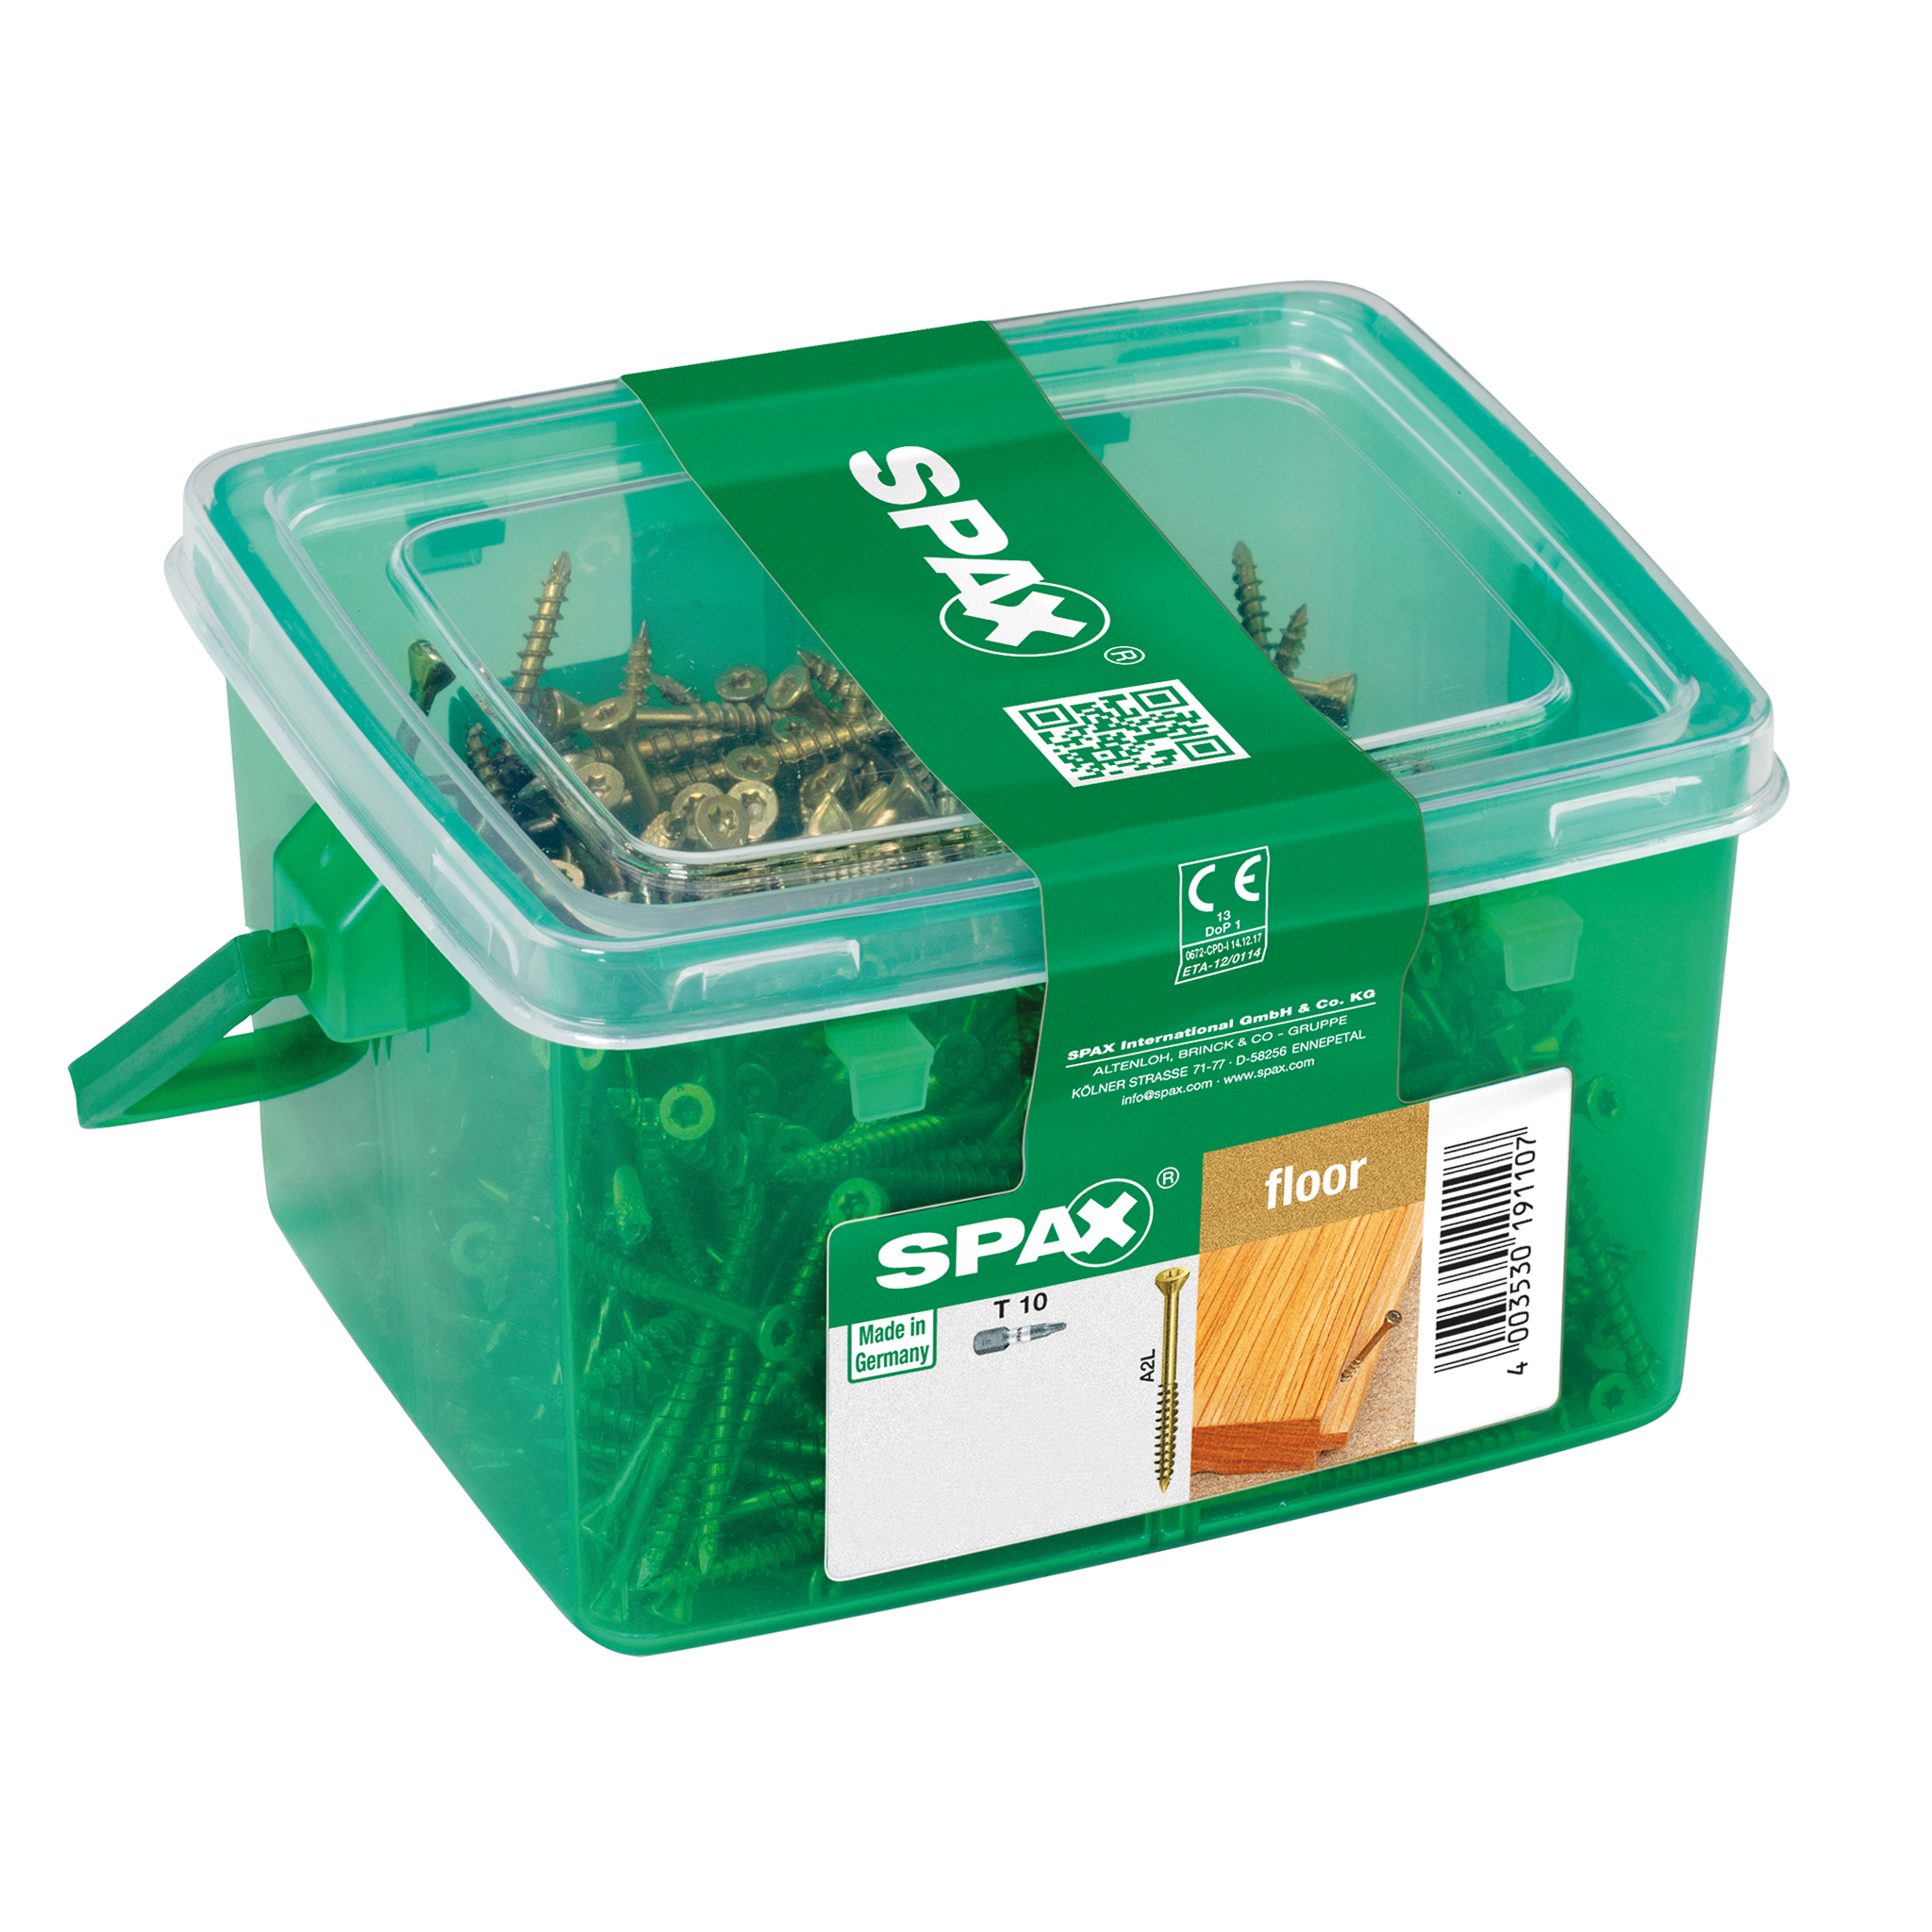 SPAX Dielenschraube 4x70mm